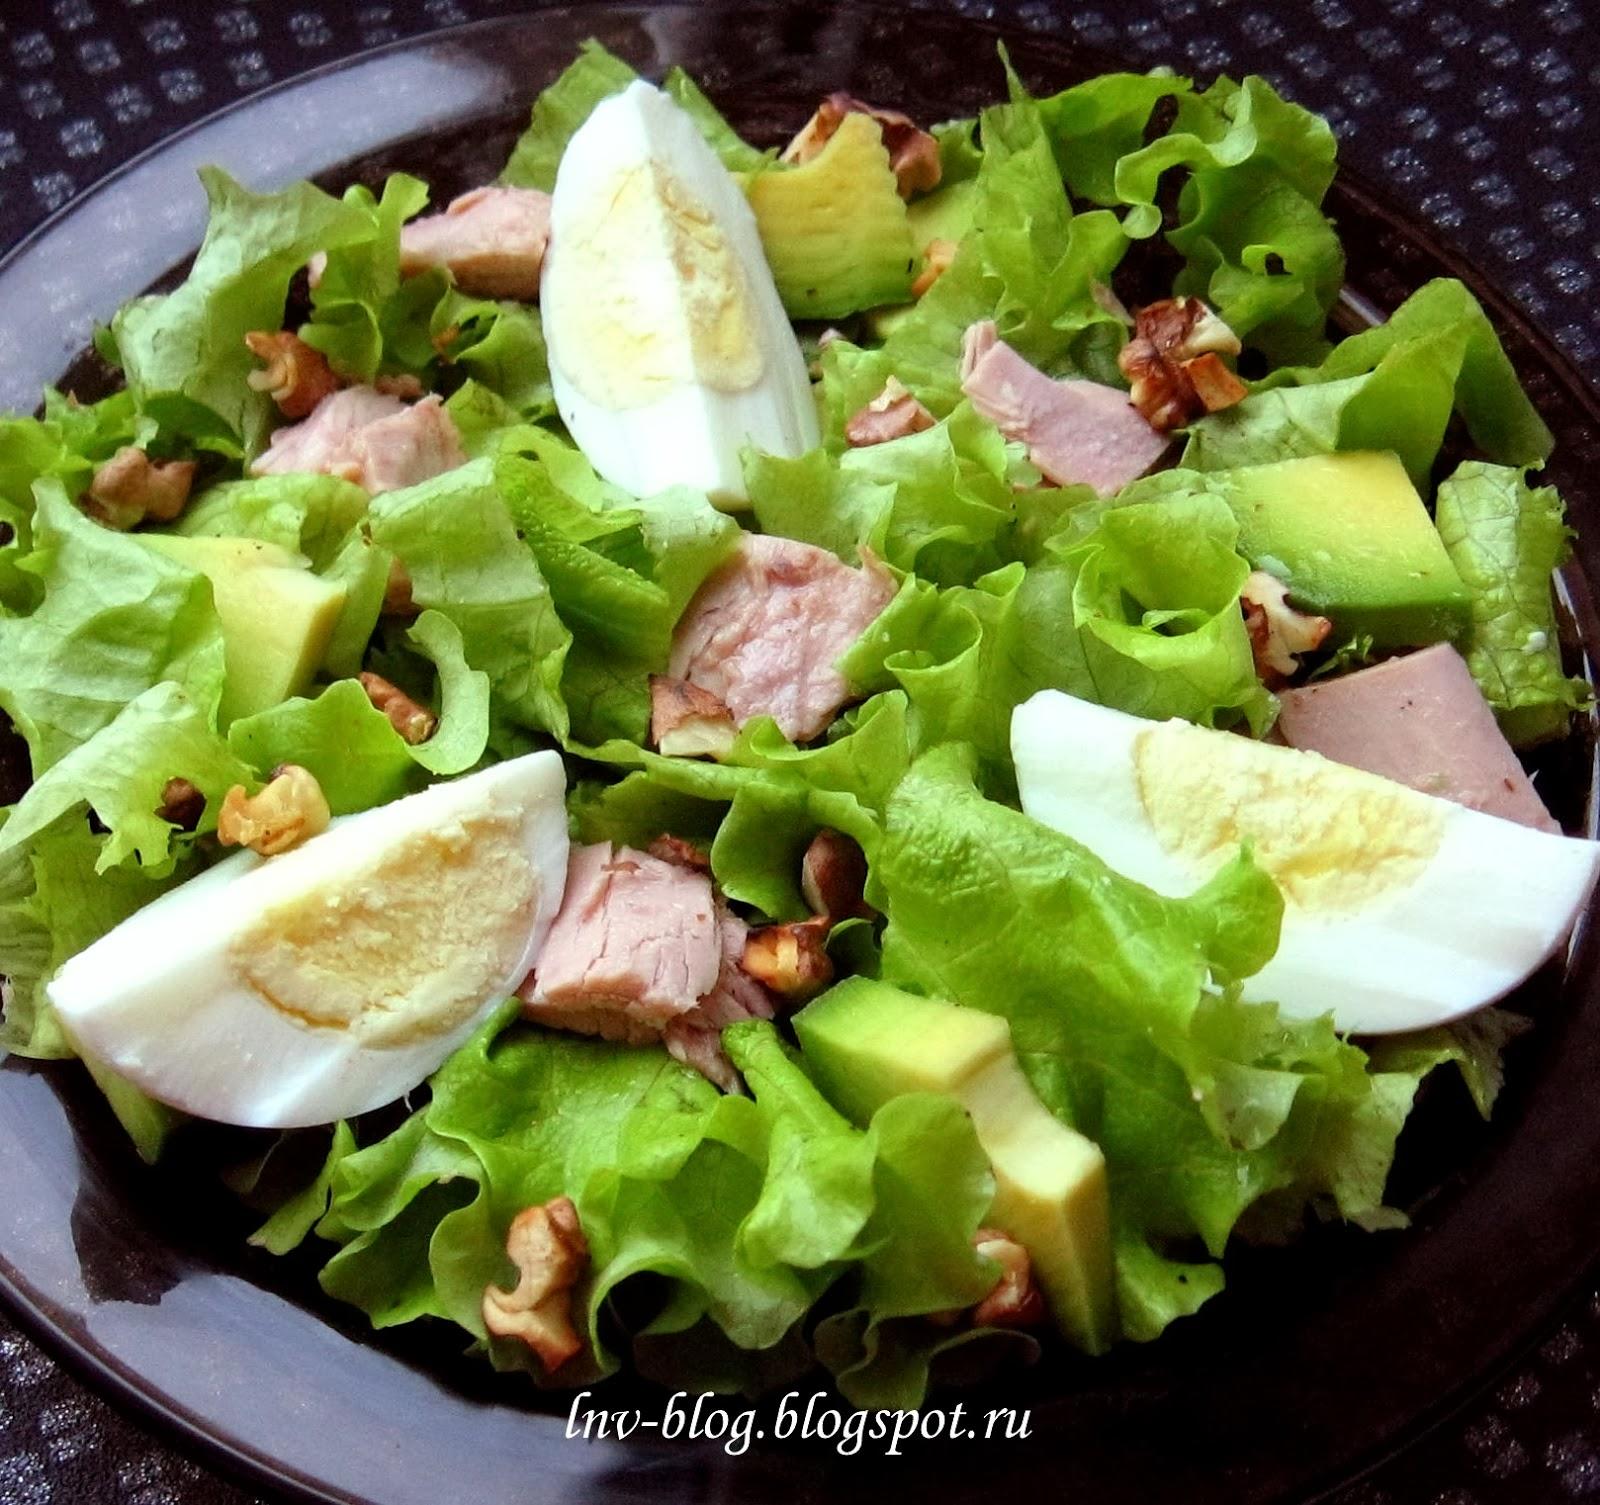 Салат с тунцом, яйцом, авокадо и грецким орехом